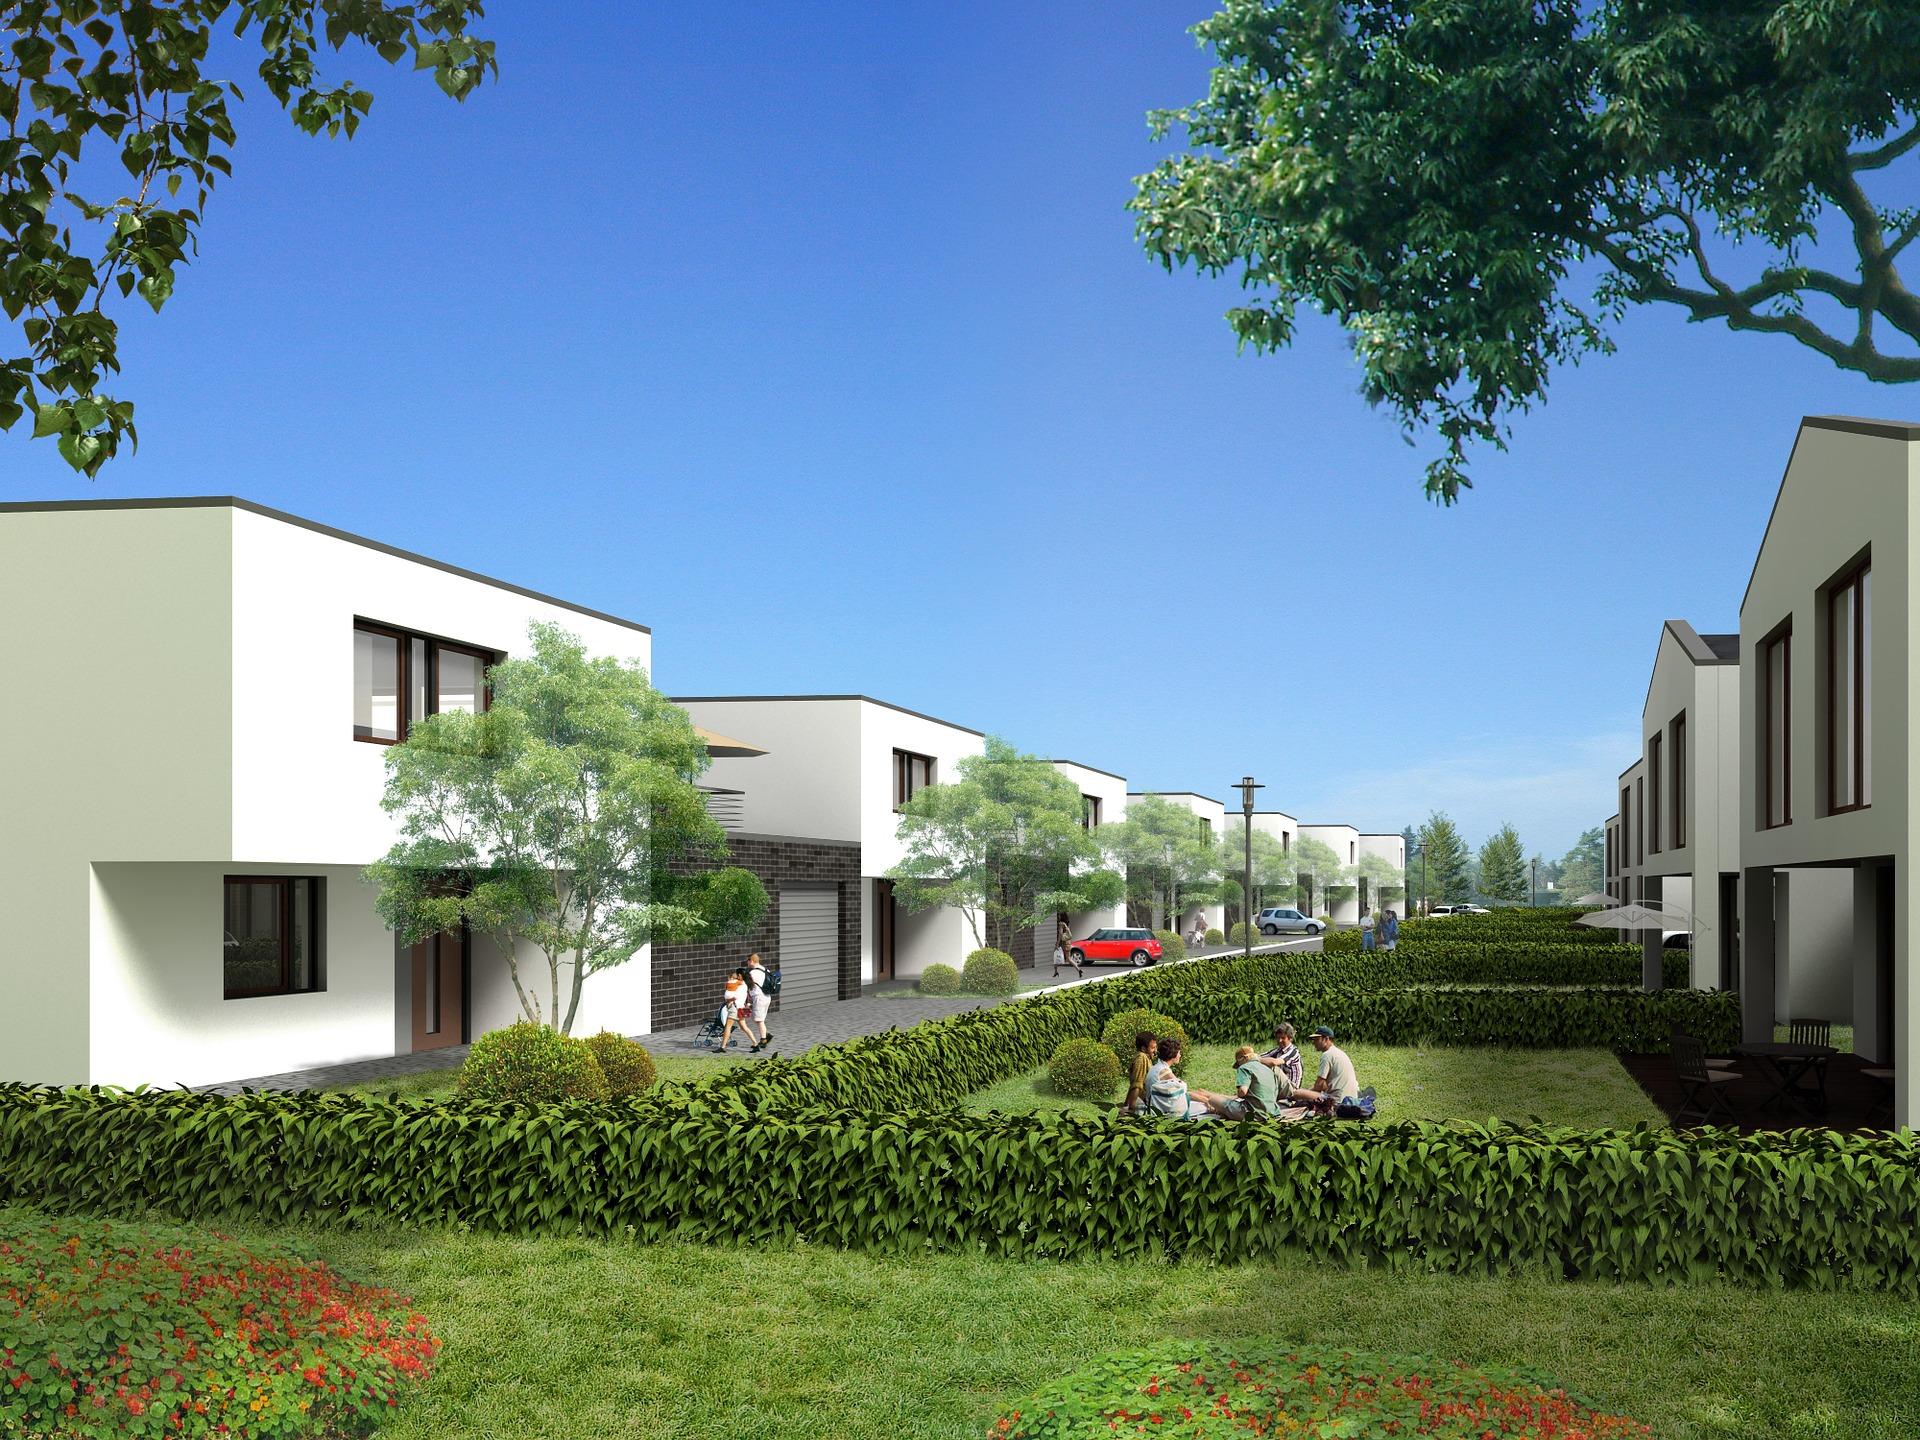 Wunderschöne Haushälfte in 30179 Hannover